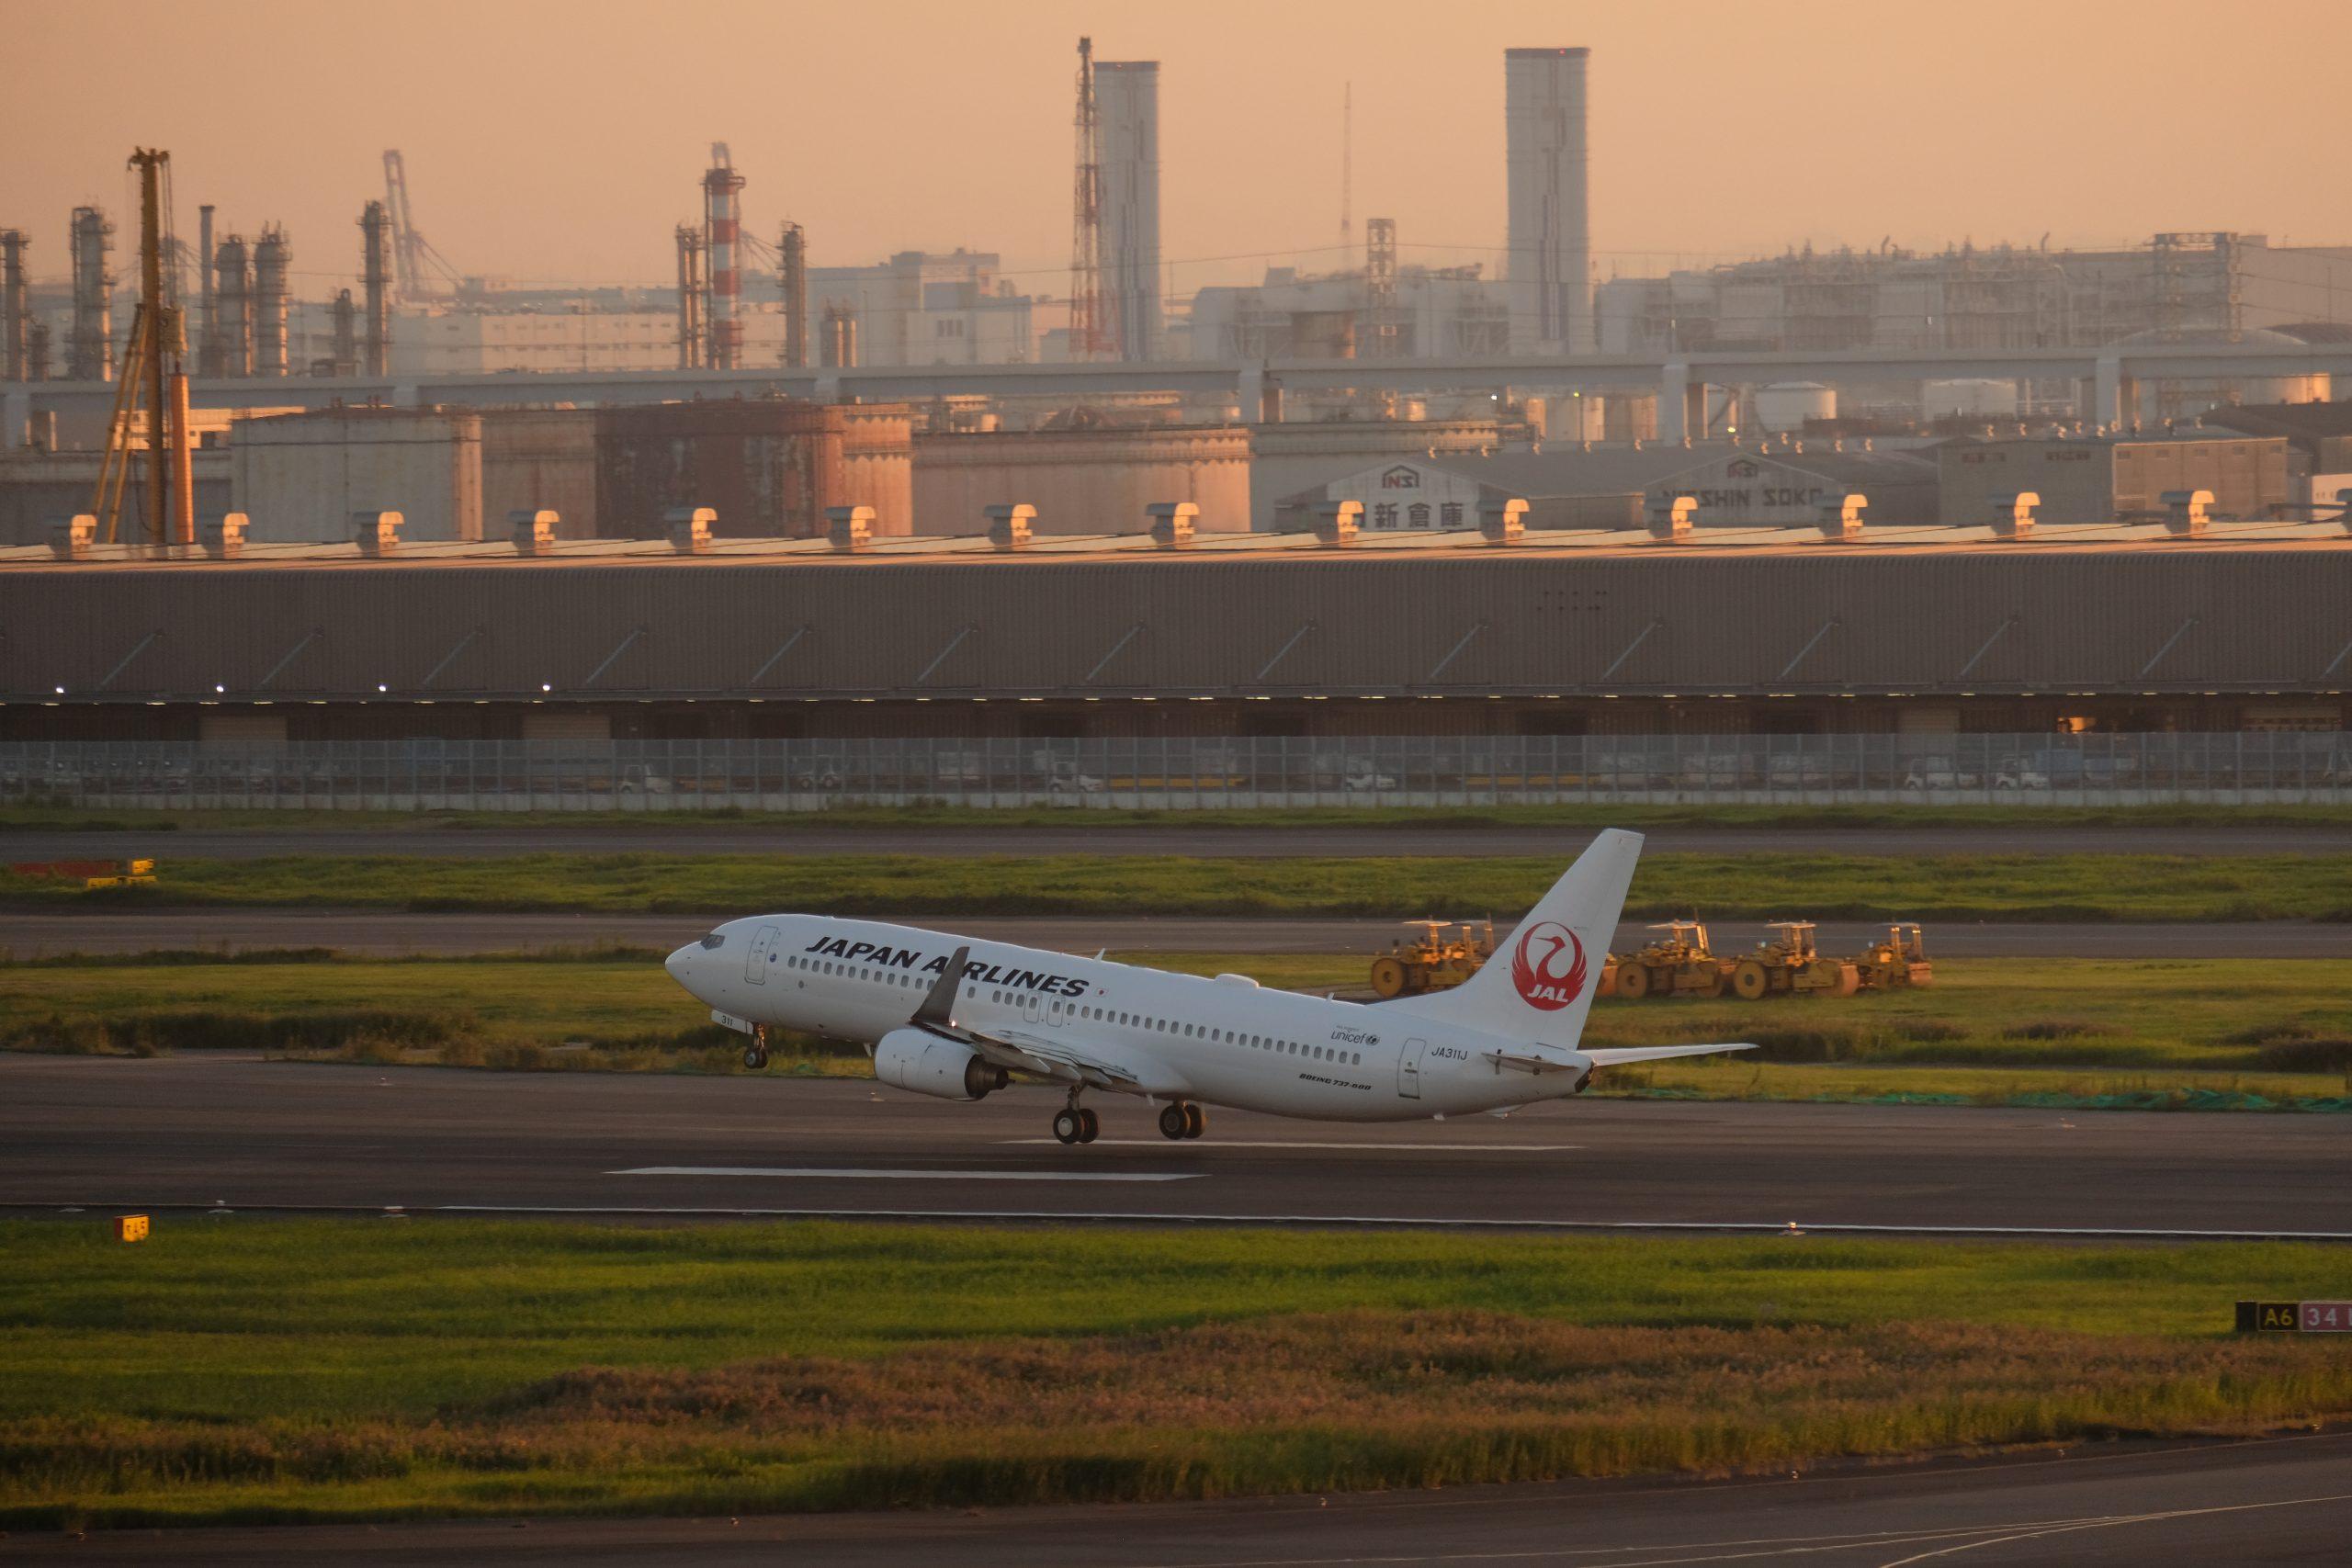 羽田空港 南風 JAL 離陸